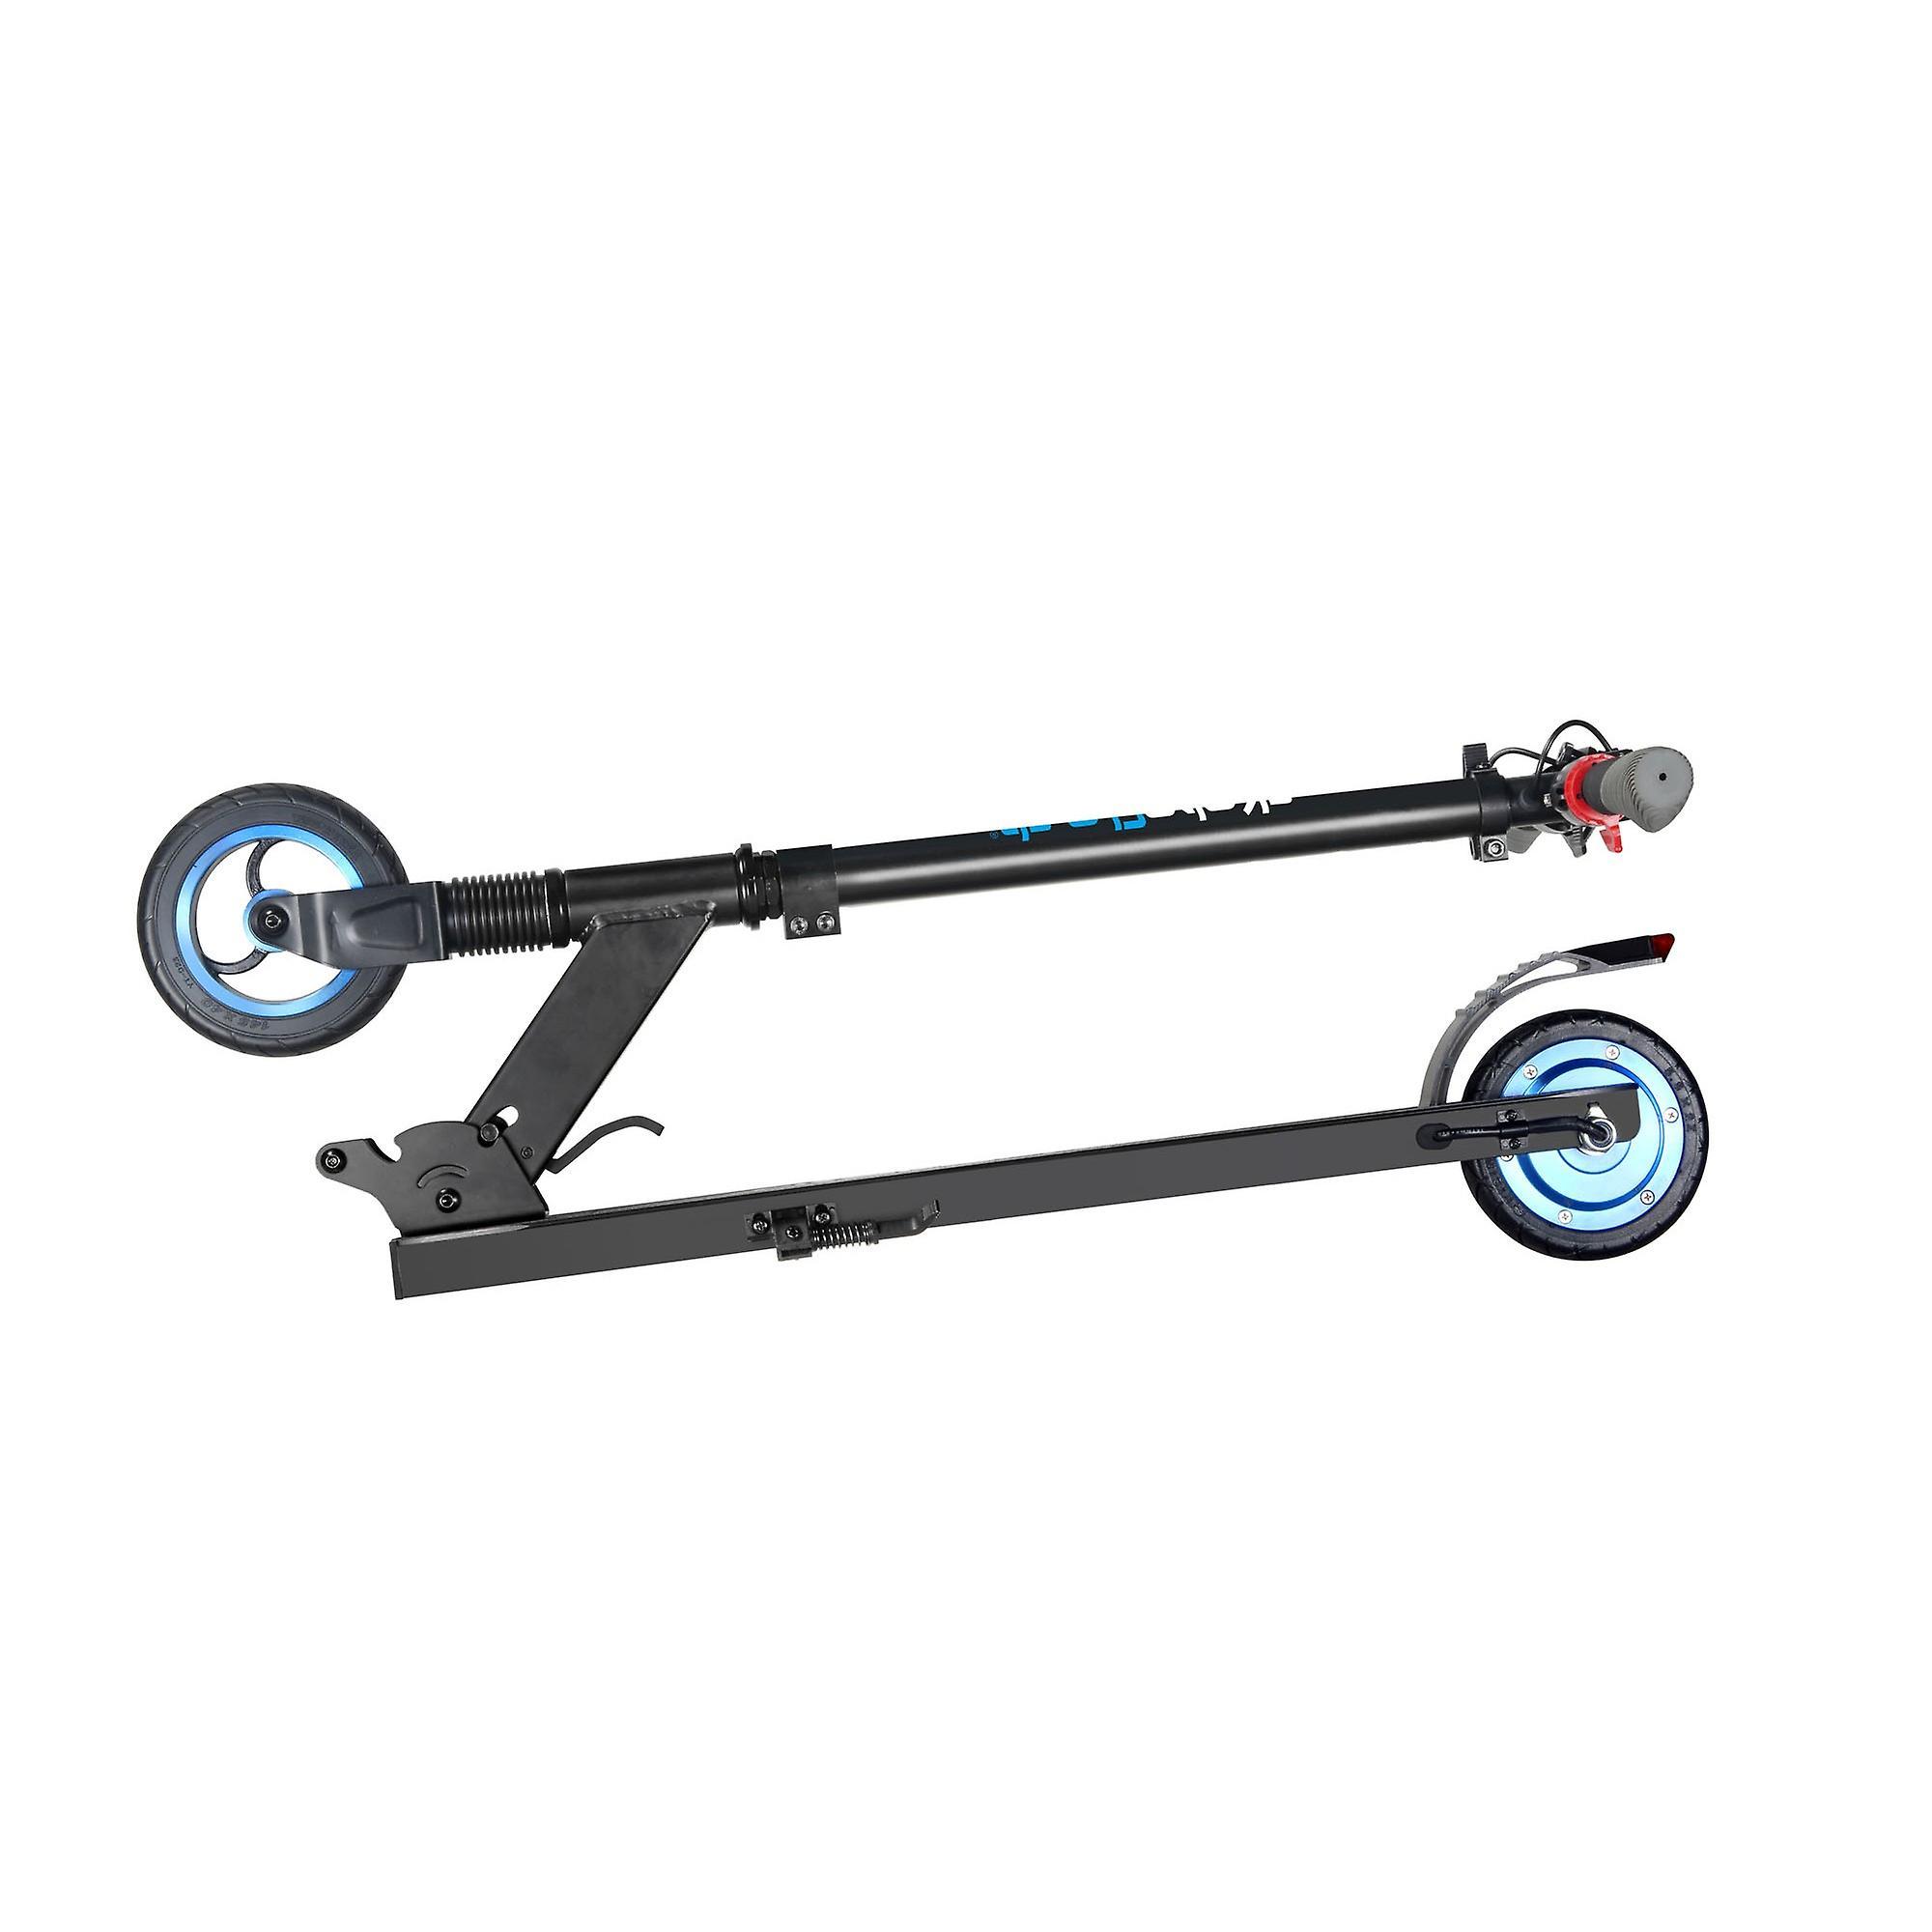 Skateflash S1 Electric Skateboard